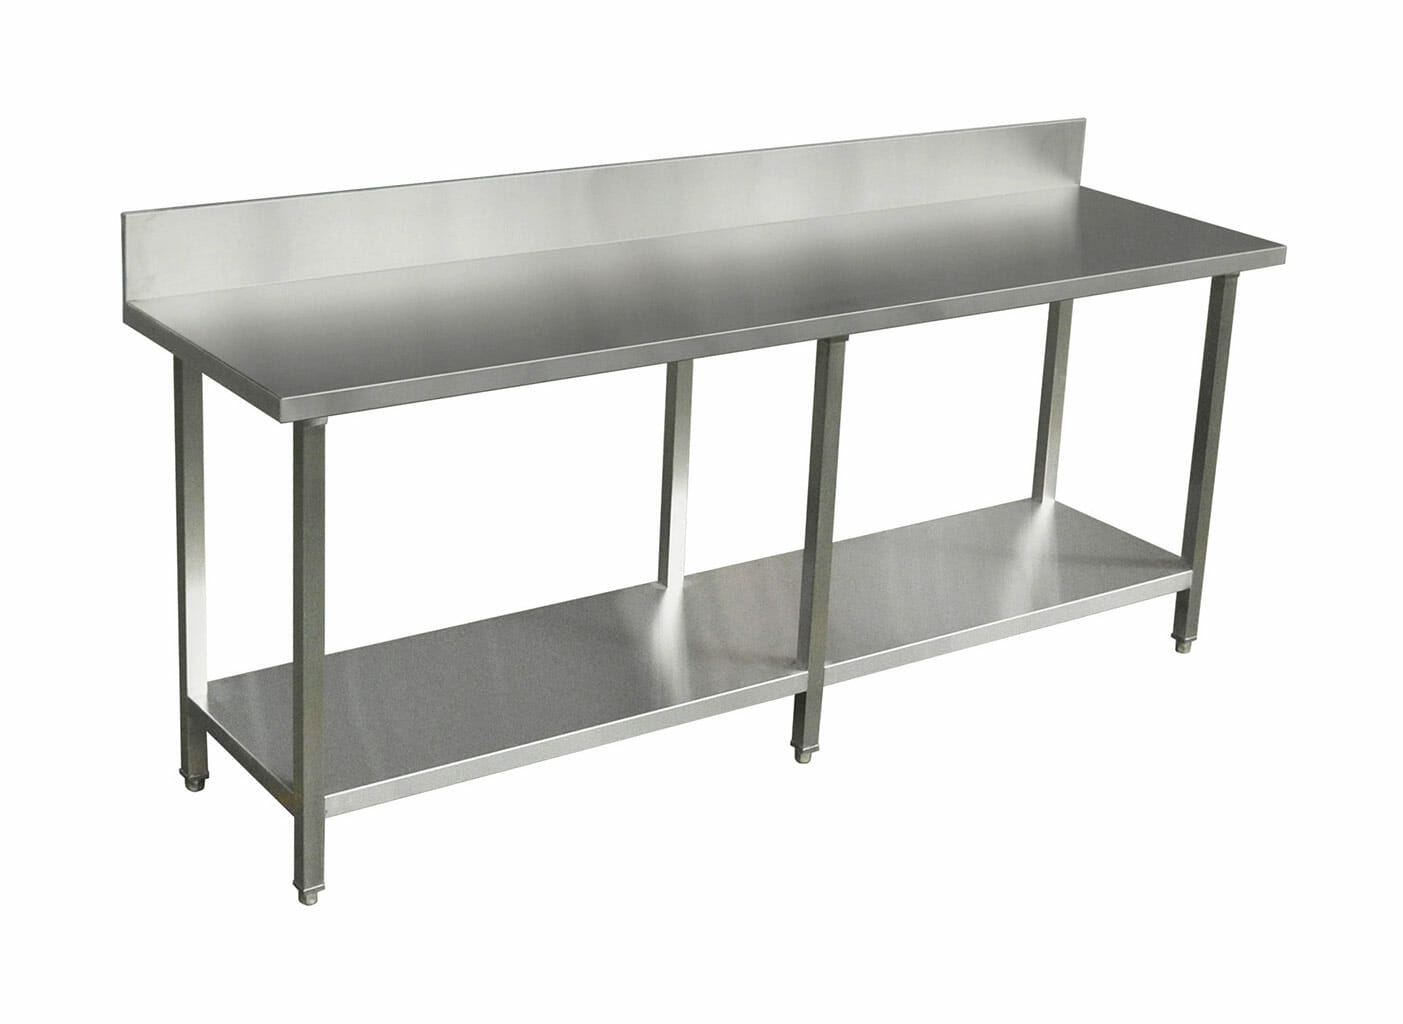 Premium Stainless Restaurant Kitchen Bench with Splashback (2200 X 610)-0